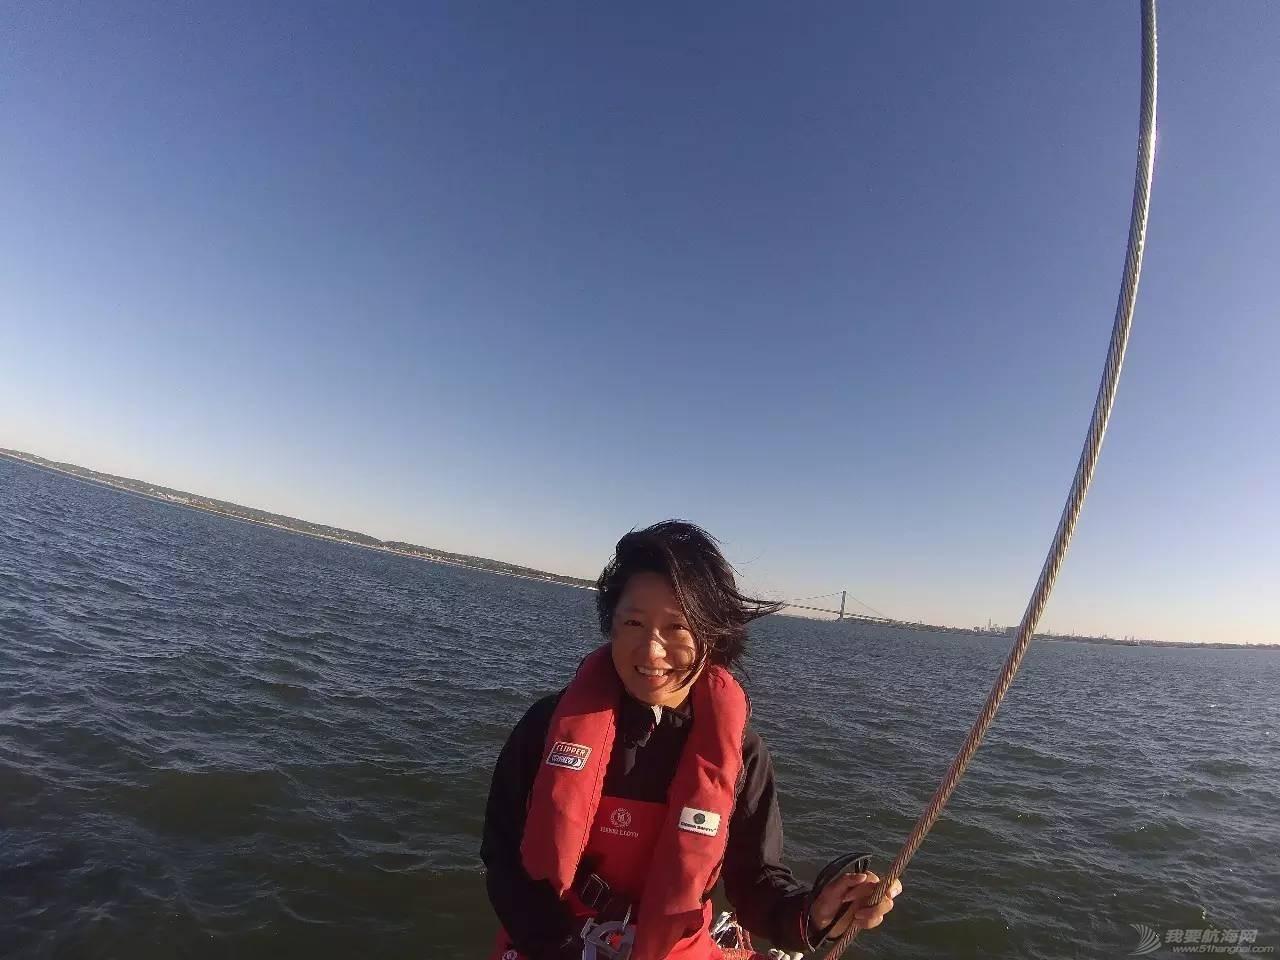 22岁她才见到海,27岁她在海上看世界 4910acd4d998cc3077275e9ba67df747.jpg